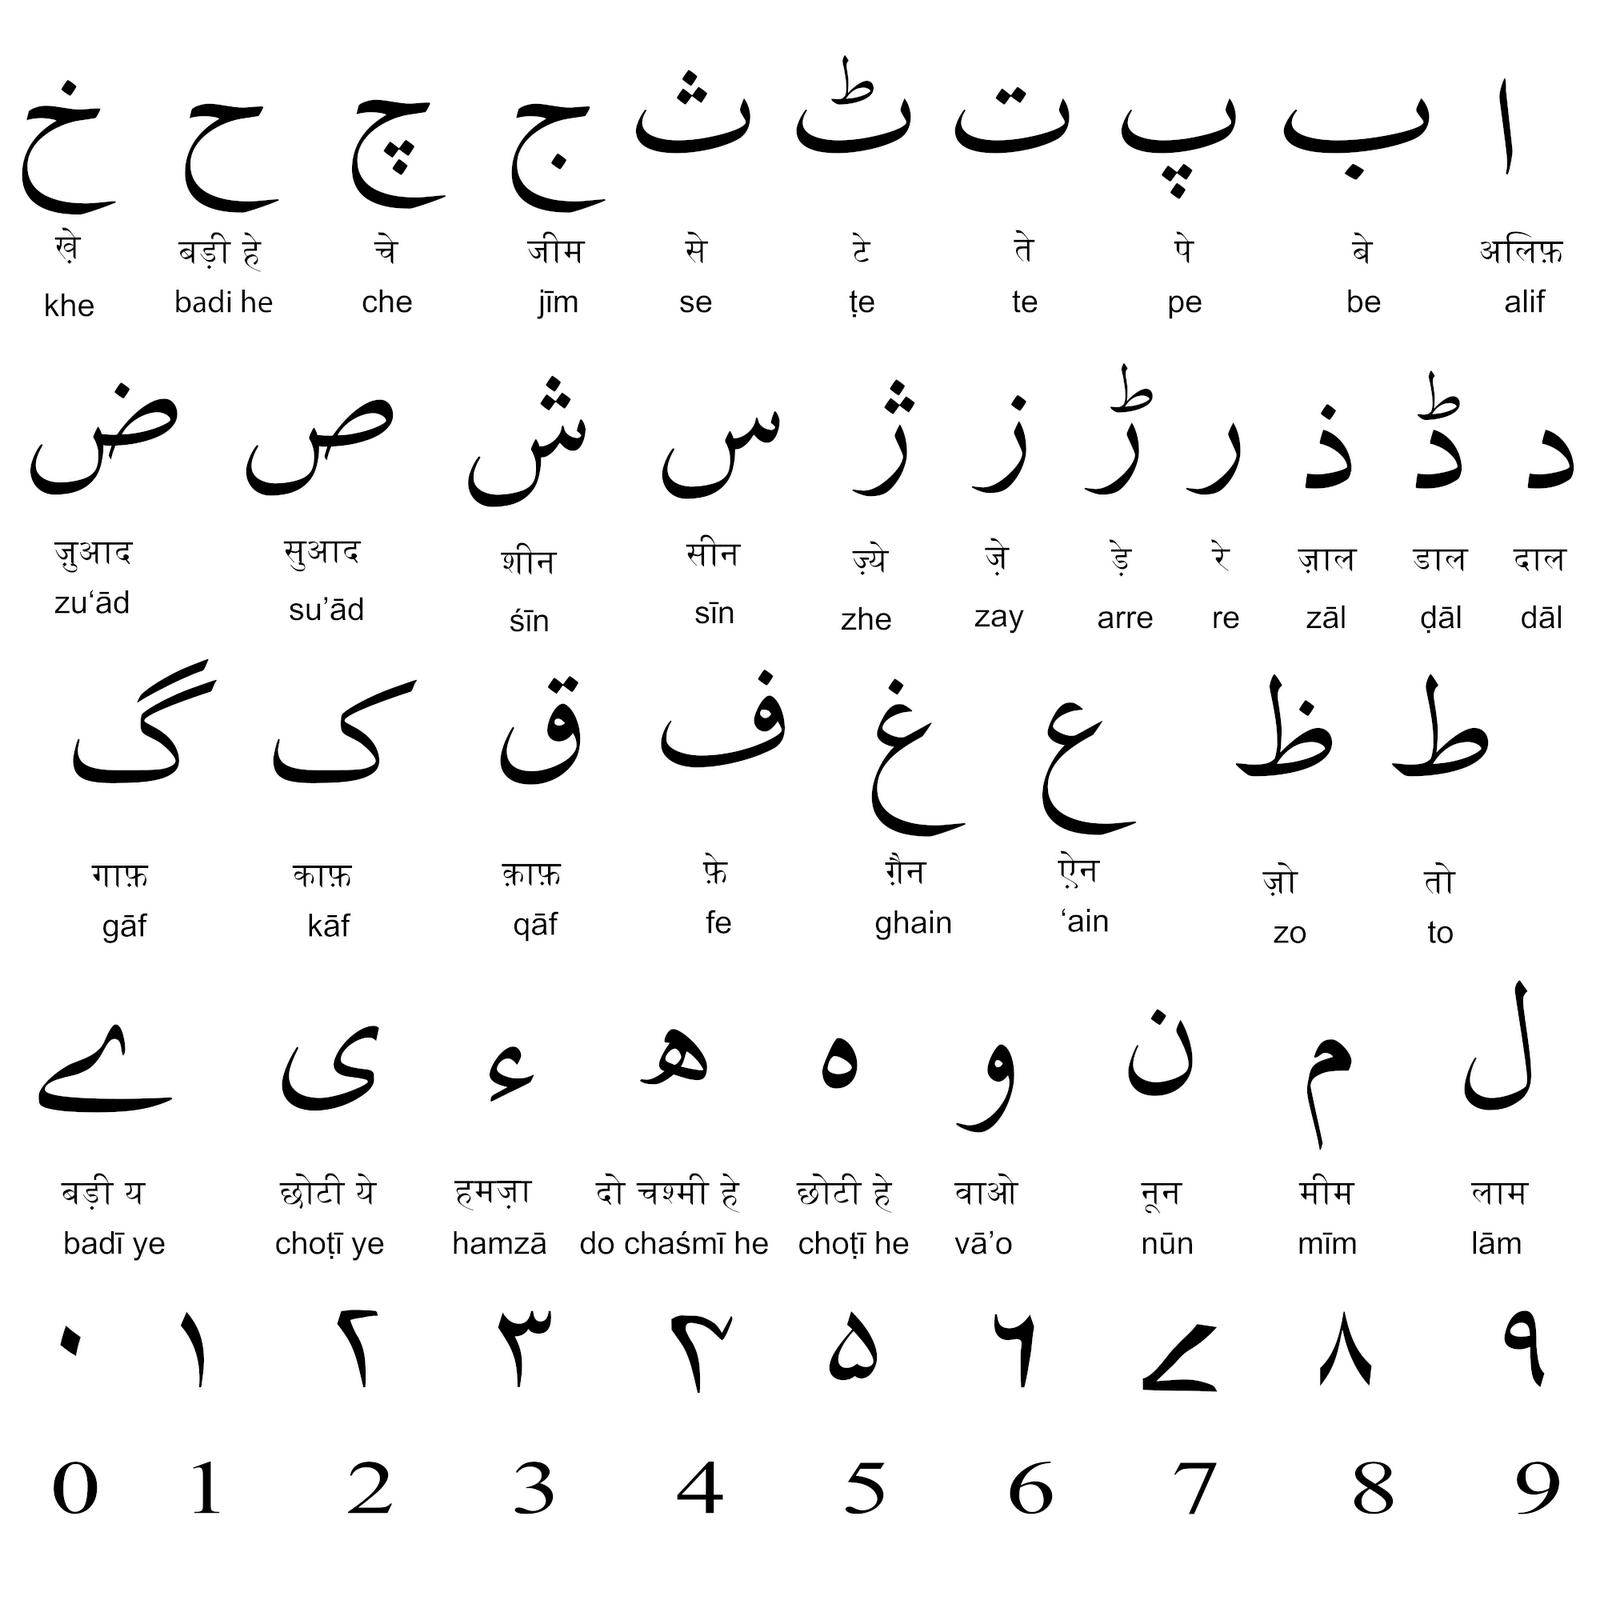 Urdu+Alphabet+Letters Urdu Alphabets, Urdu Vyanjan, Urdu